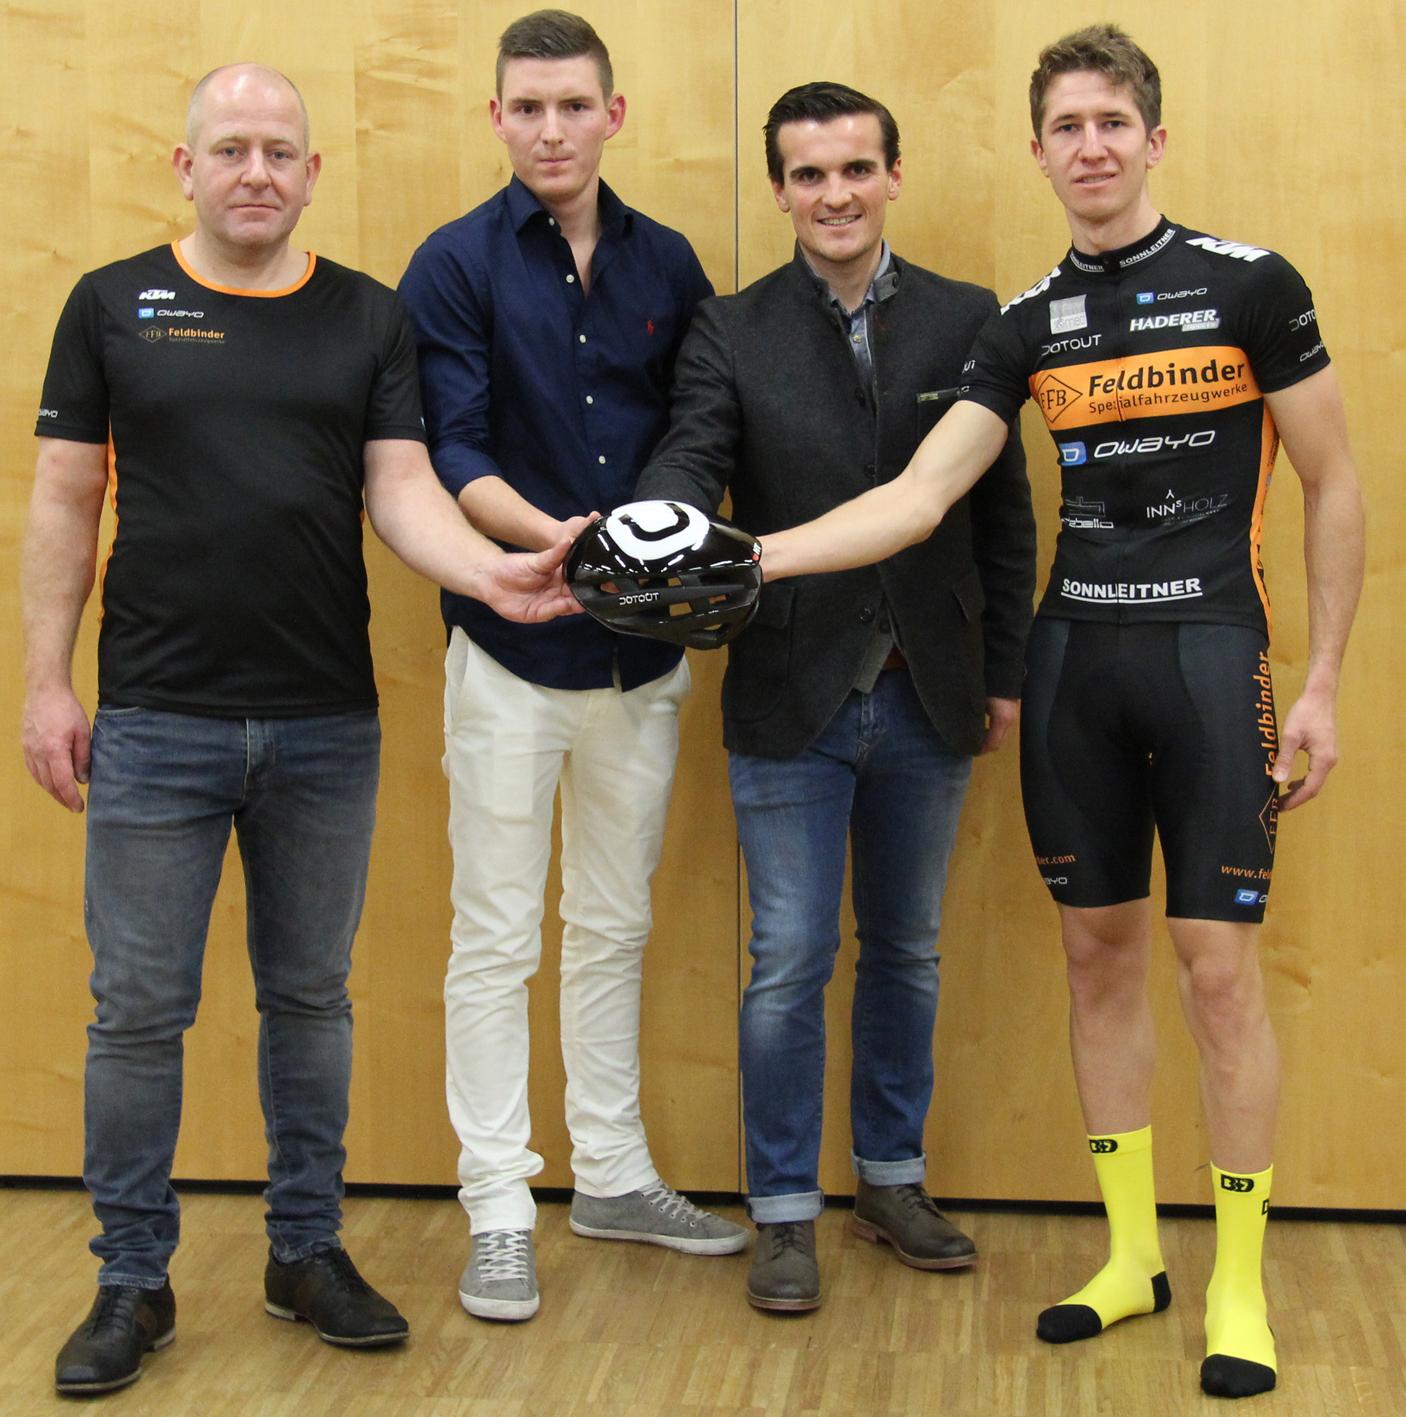 Andreas, Michael Holzinger und Andreas Etzelstorfer von Traunsteinsport, Matthias